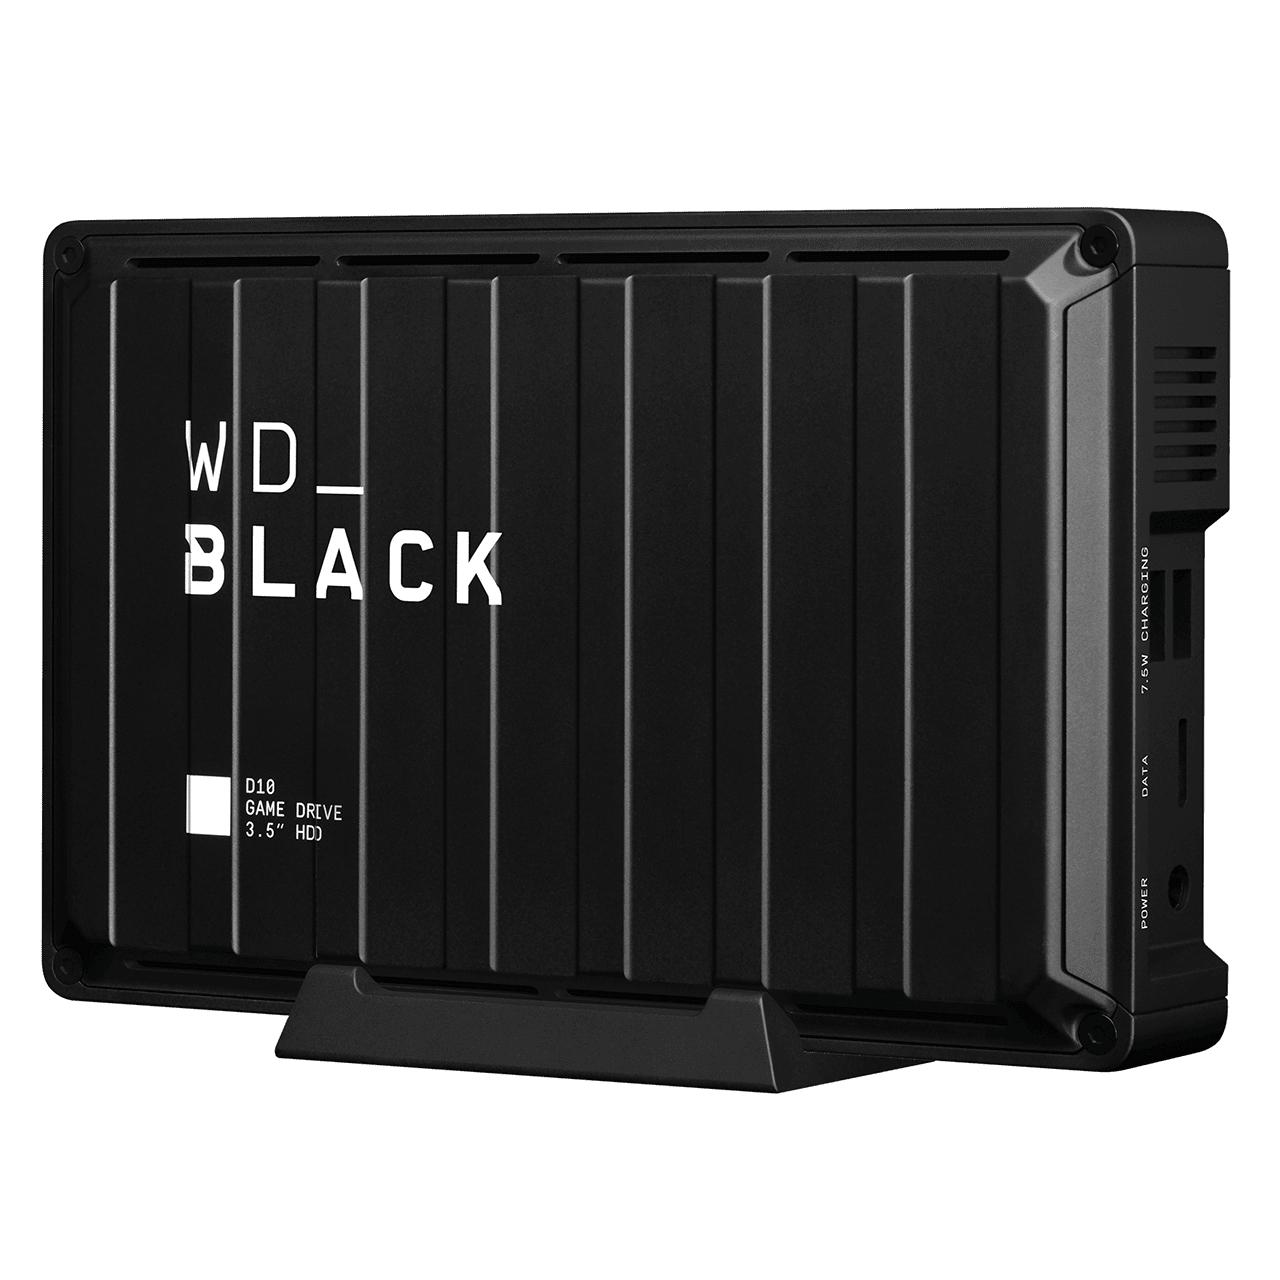 WD Black D10 - Game Drive de 8 TB y 7200 r.p.m. con refrigeración activa